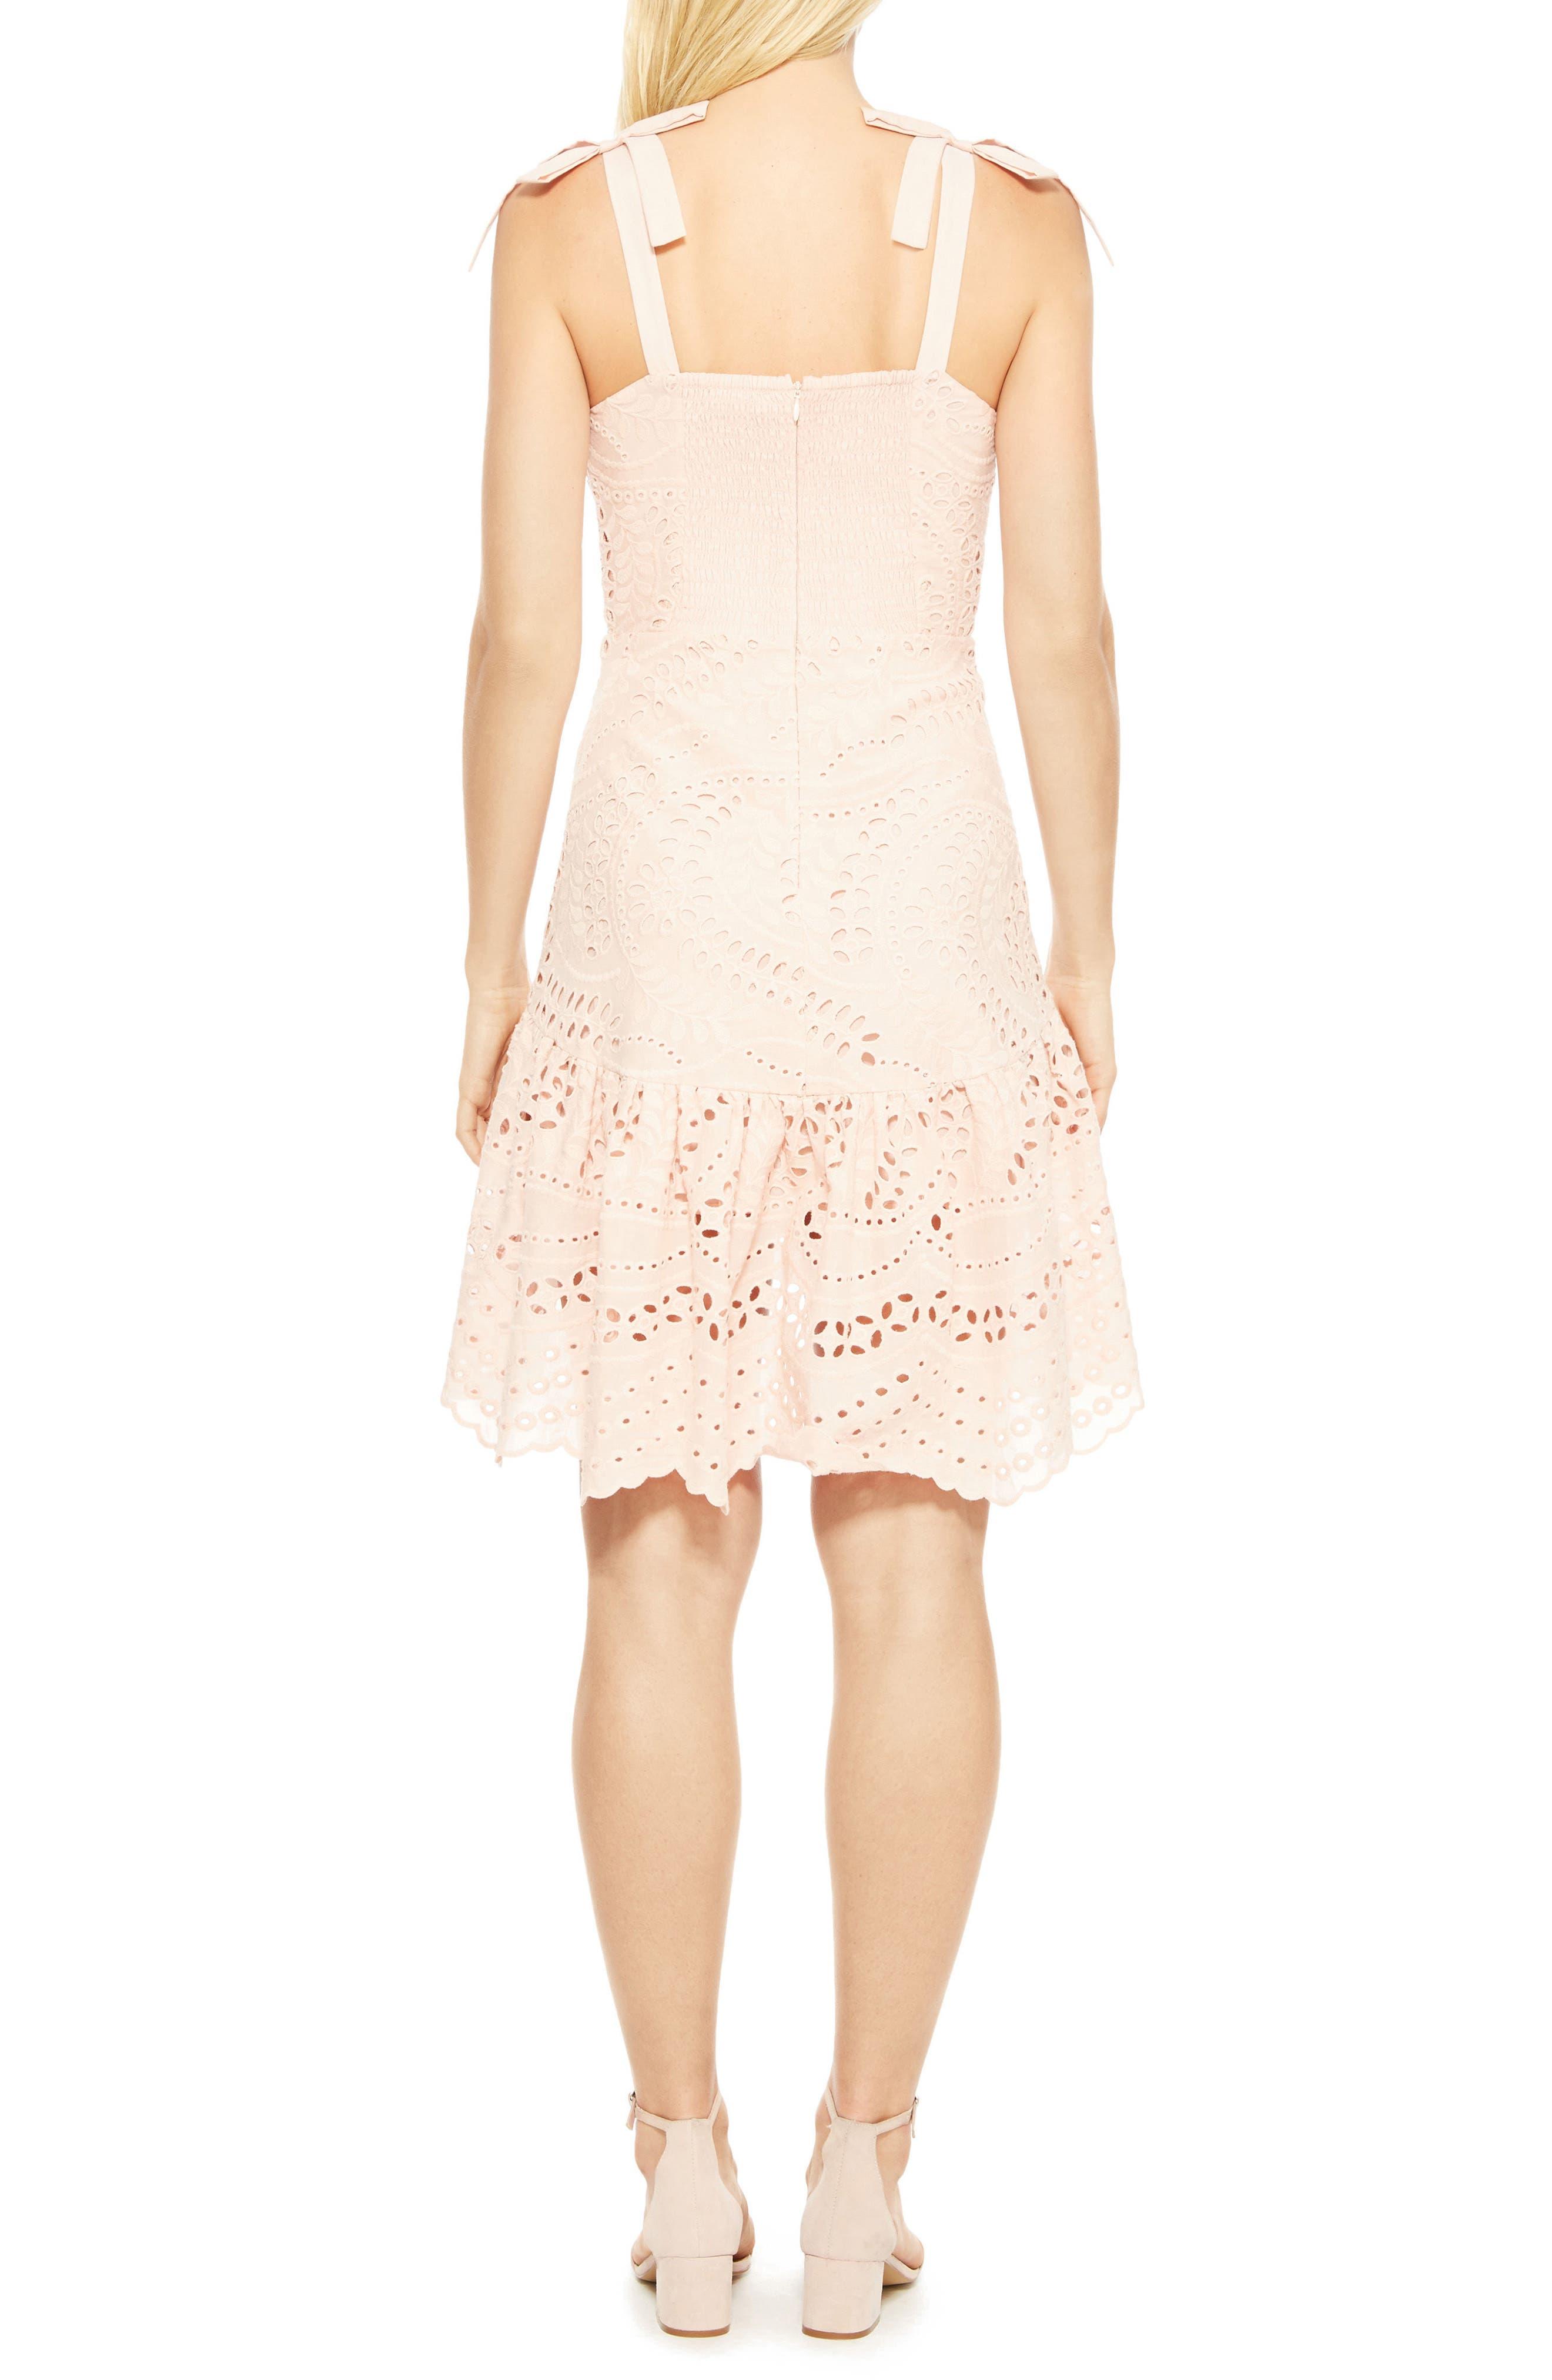 Odysseia Eyelet Cotton Dress,                             Alternate thumbnail 2, color,                             695